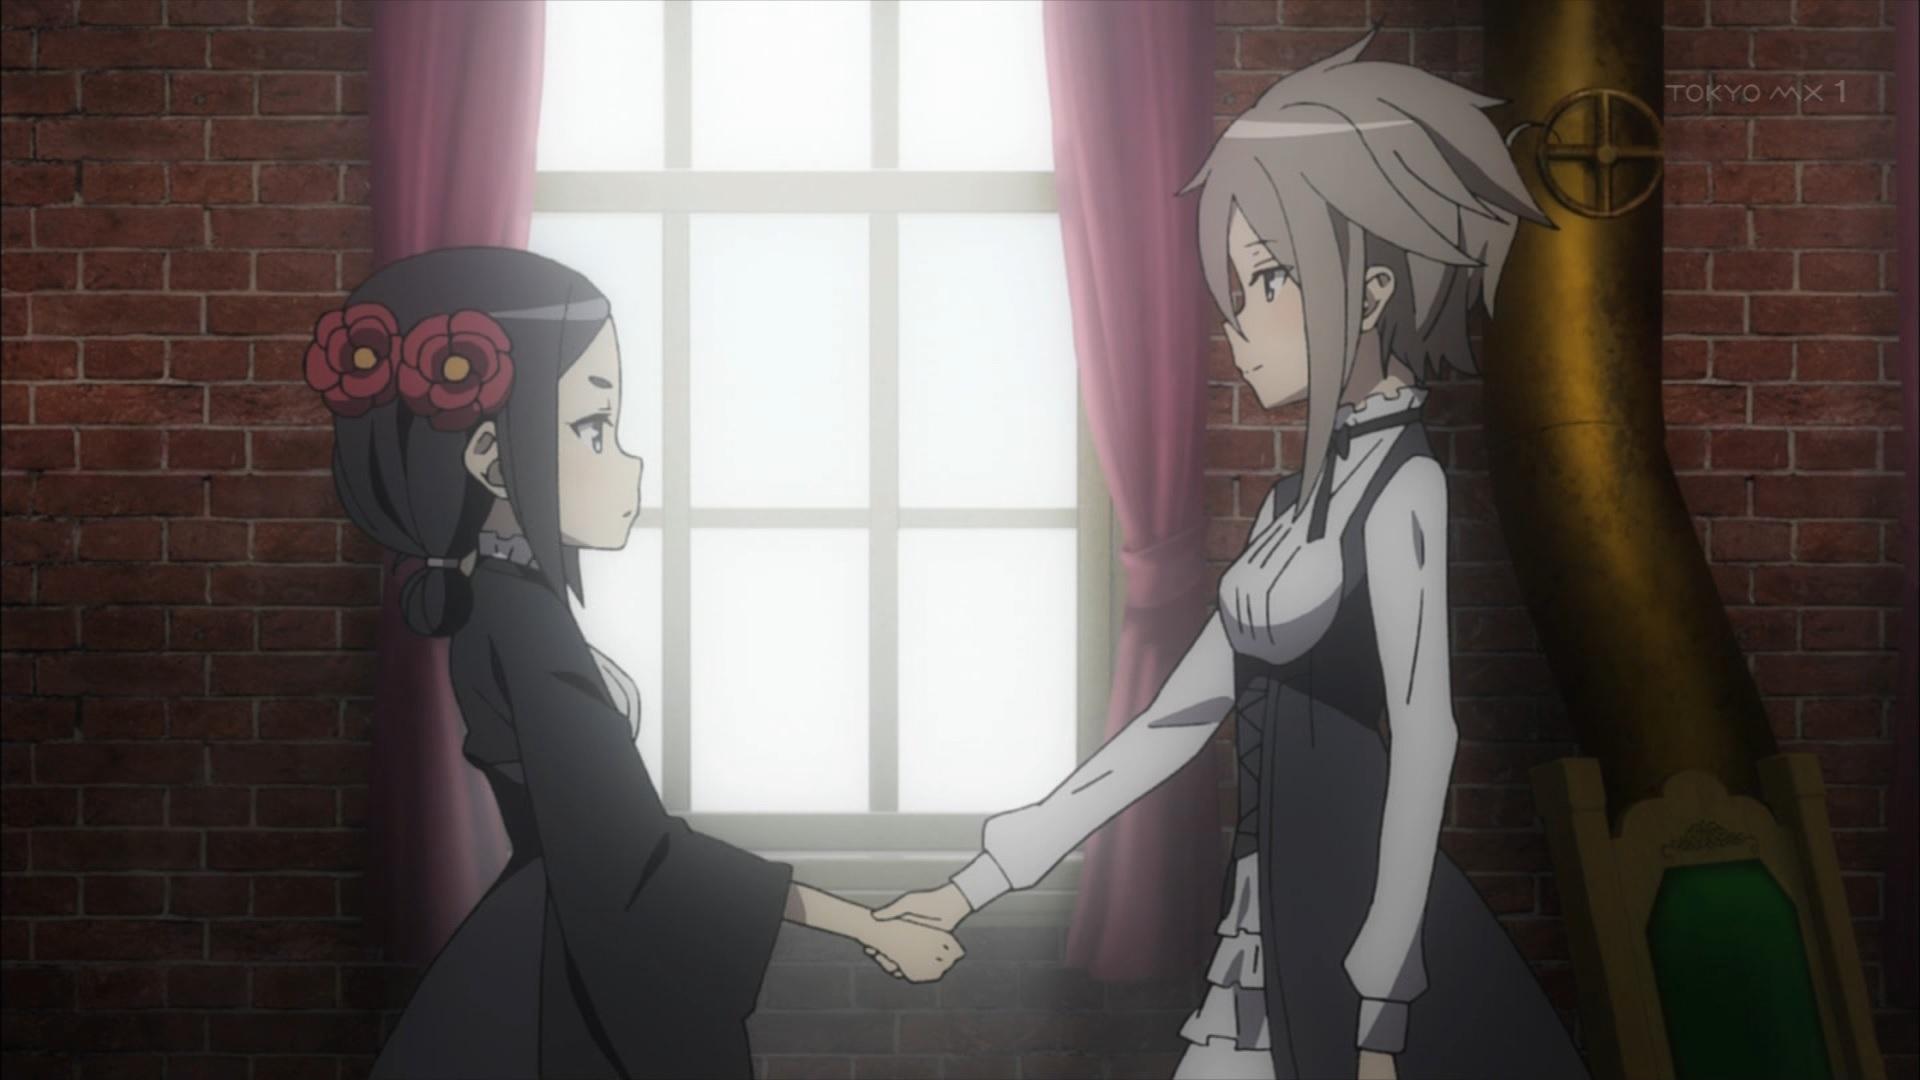 ちせとアンジェの握手